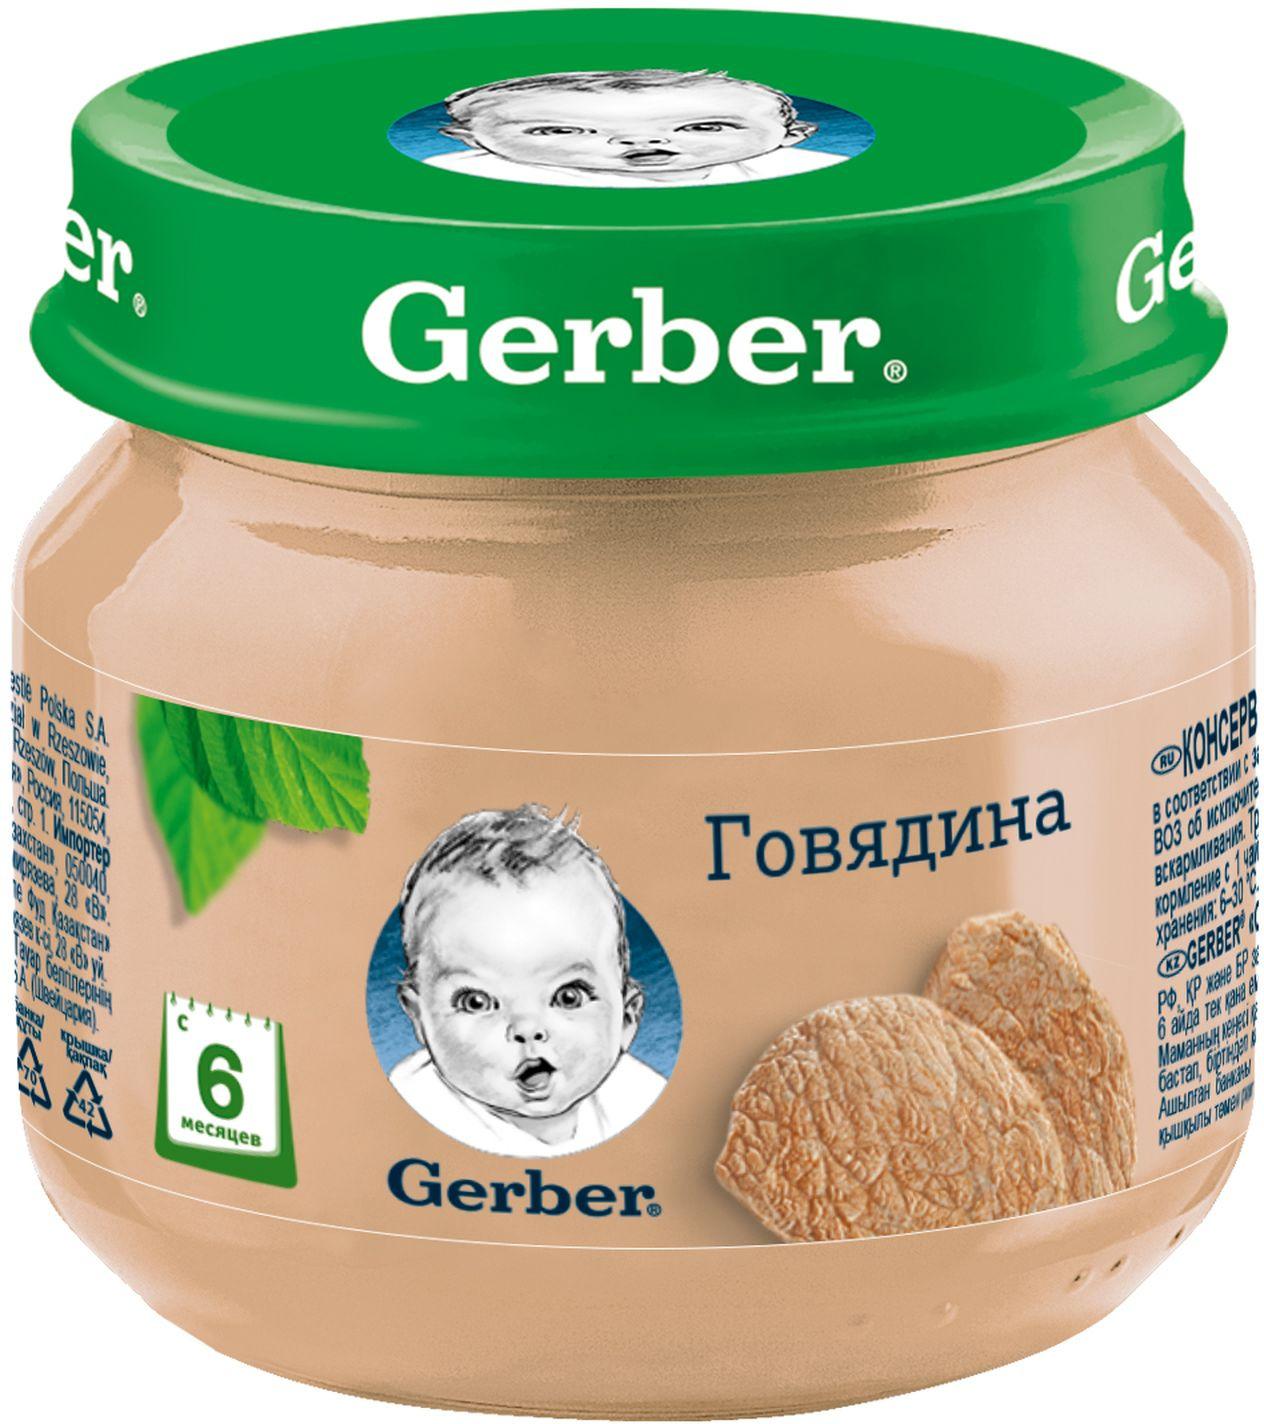 Пюре Консервы мясные говядина для питания детей с 6 месяцев Gerber, 80 г